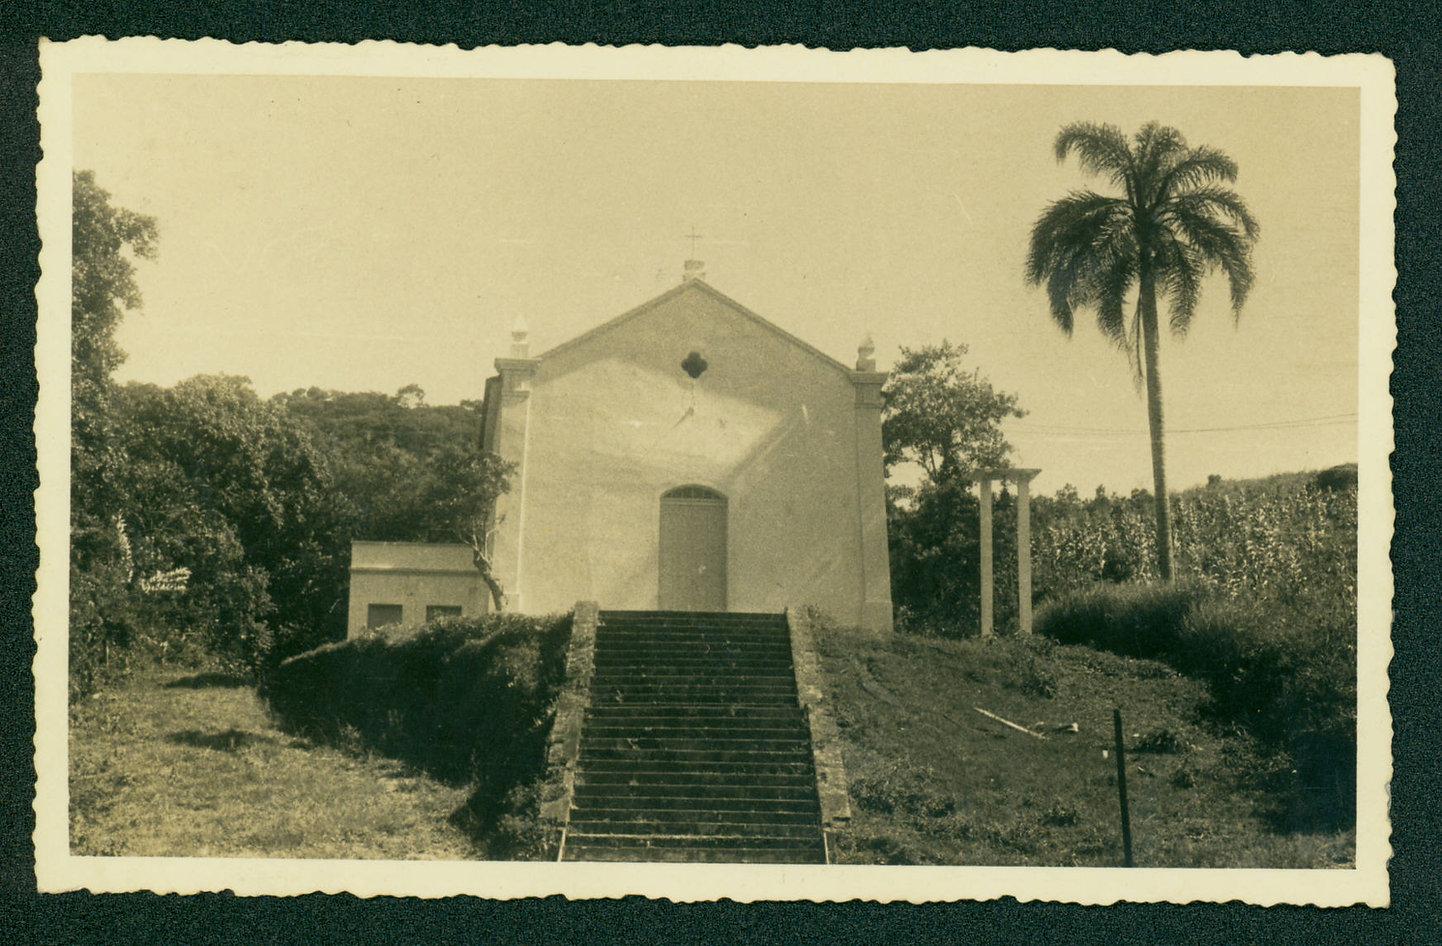 999 - Capela Santo Amaro, Bairro da Barra, decada de 1950 (1).jpg